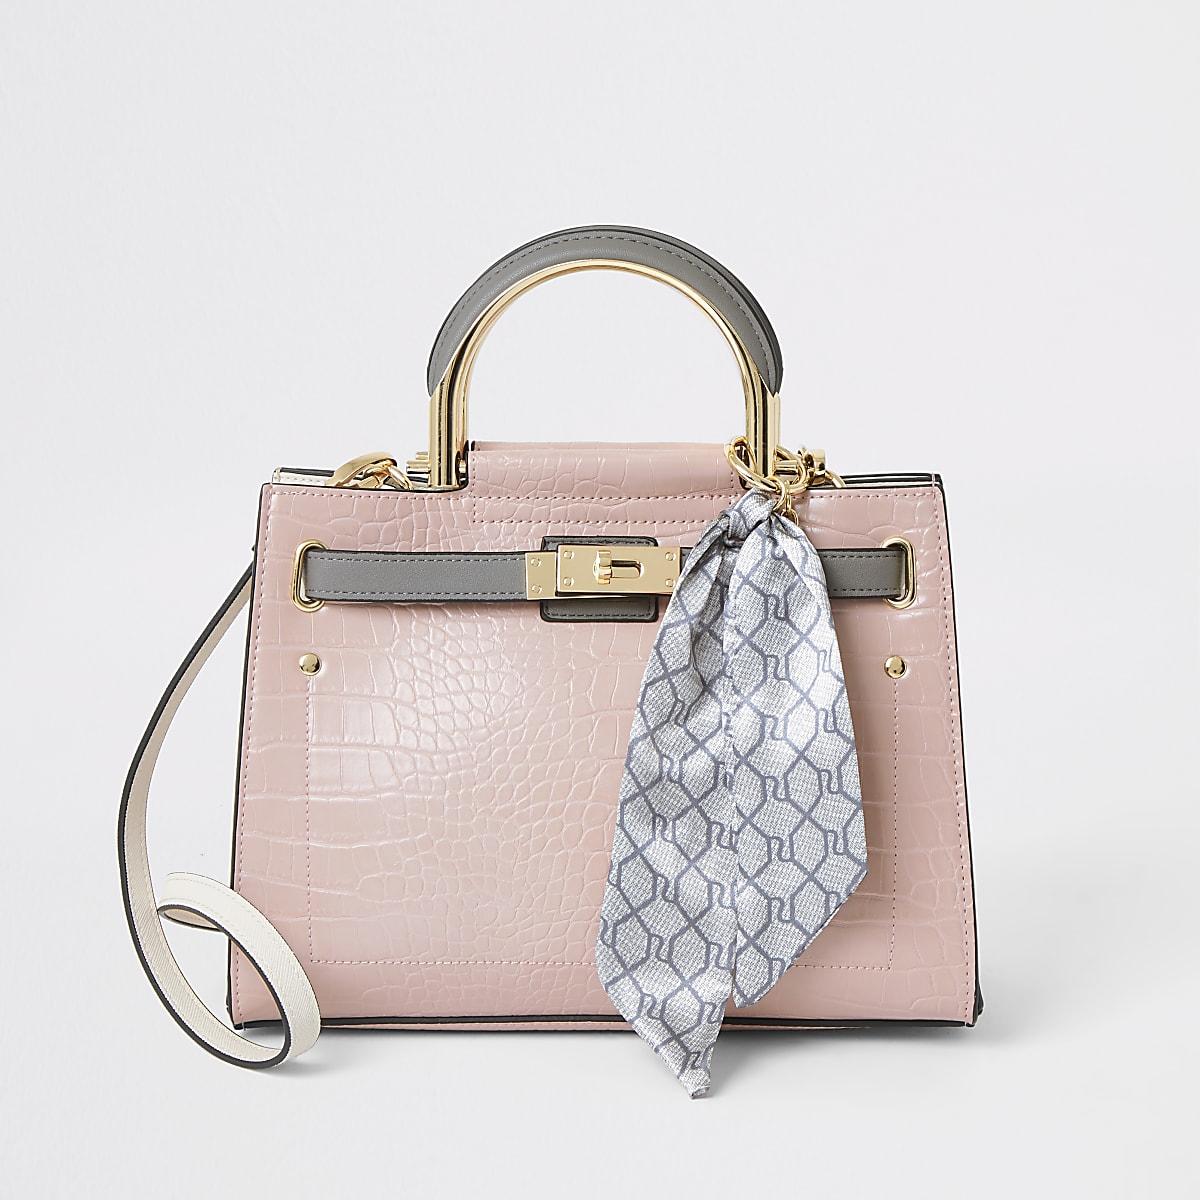 RI - Roze handtas met slotje en krokodillenprint met reliëf